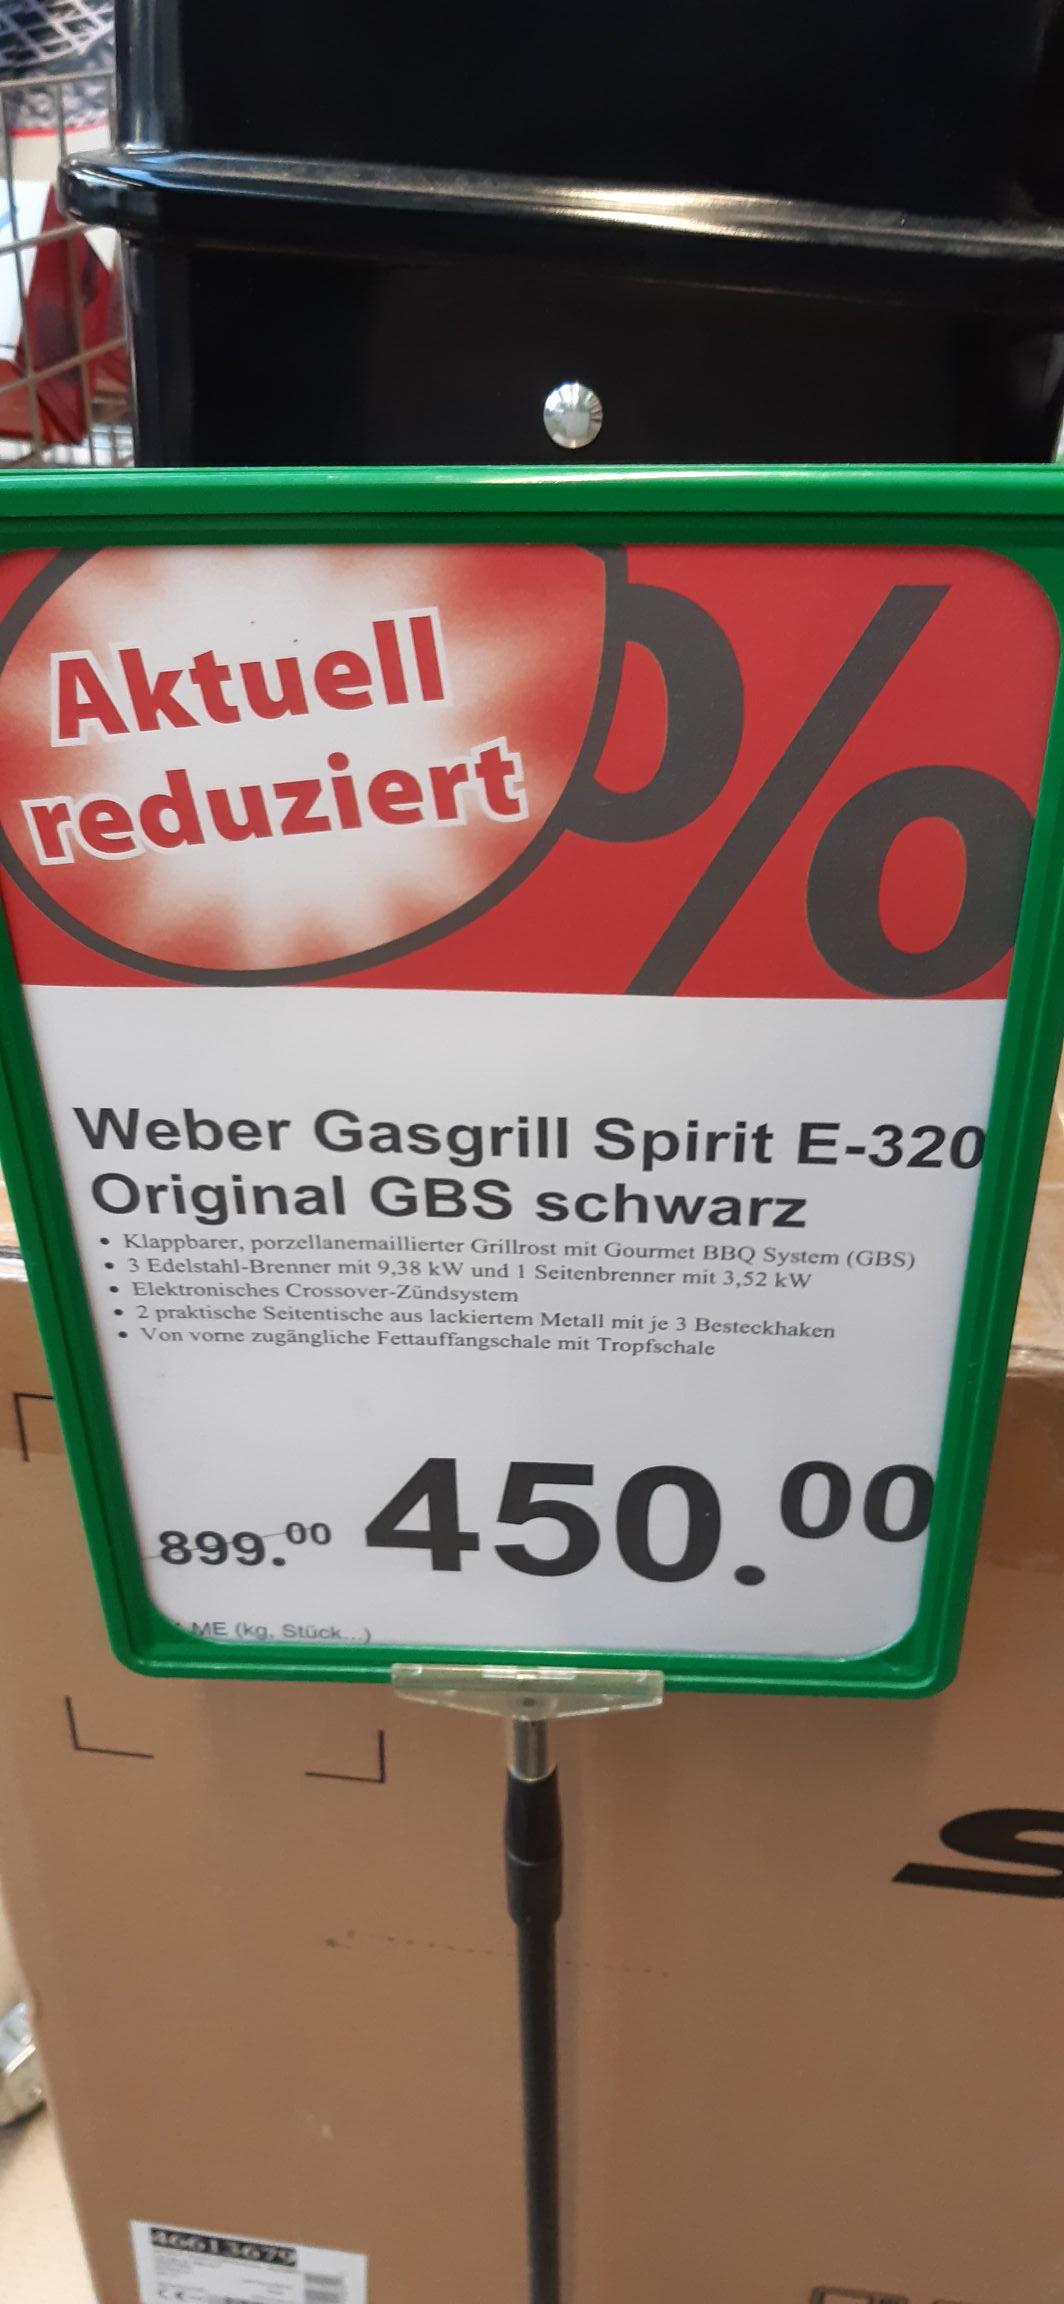 [lokal] Dehner Weber E-320 Original GBS Gasgrill